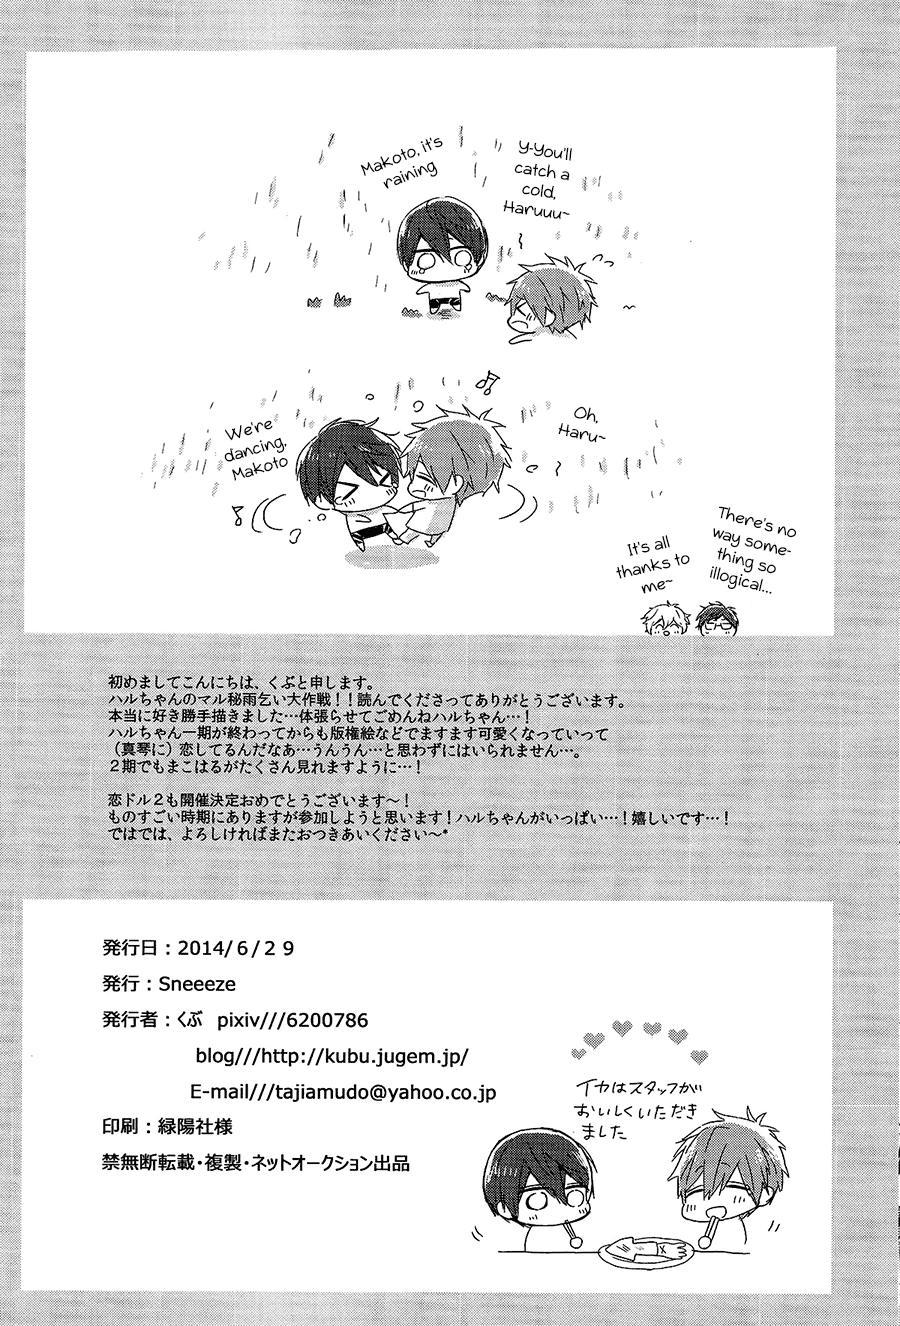 (Renai Endorphin) [Sneeeze (Kubu)] Haru-chan no Maru-Hi Amagoi Daisakusen!! (Free!) [English] [ichigo-day] 28